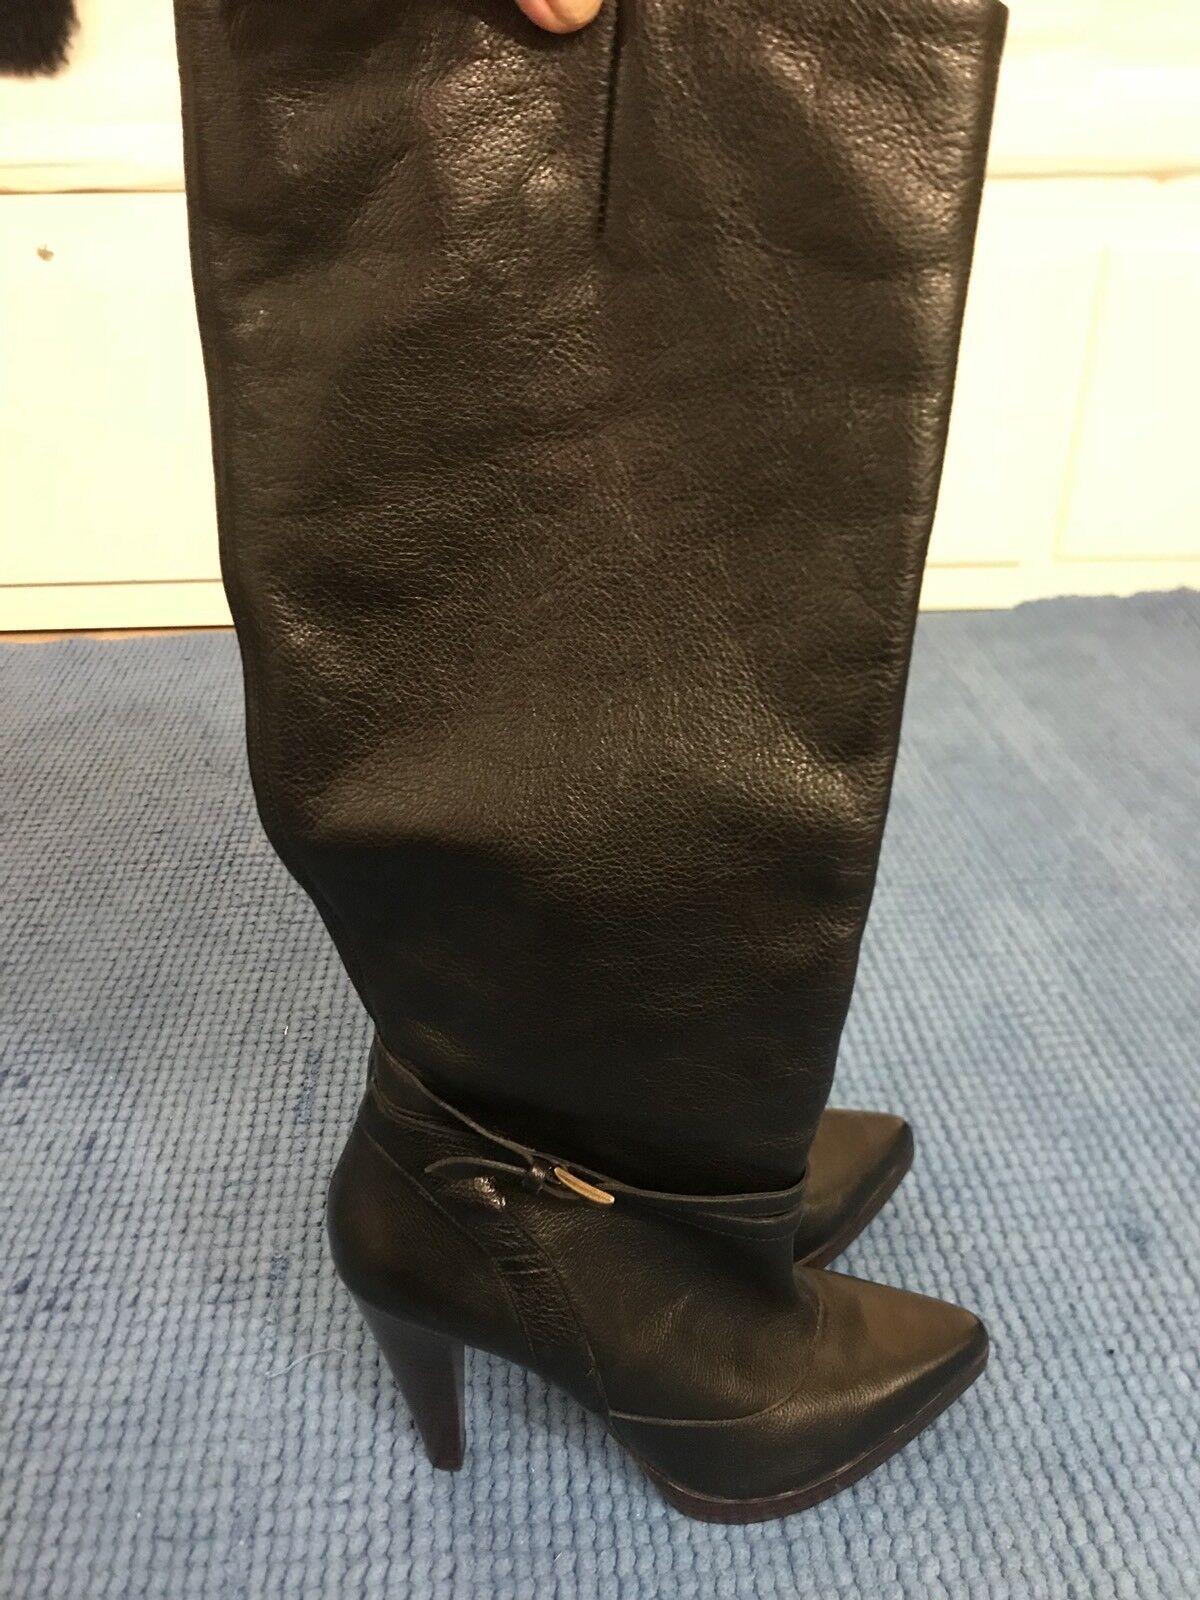 Buffalo Damas De Cuero Negro botas Hasta La La La Rodilla Talla 41 Puntera En Punta  seguro de calidad